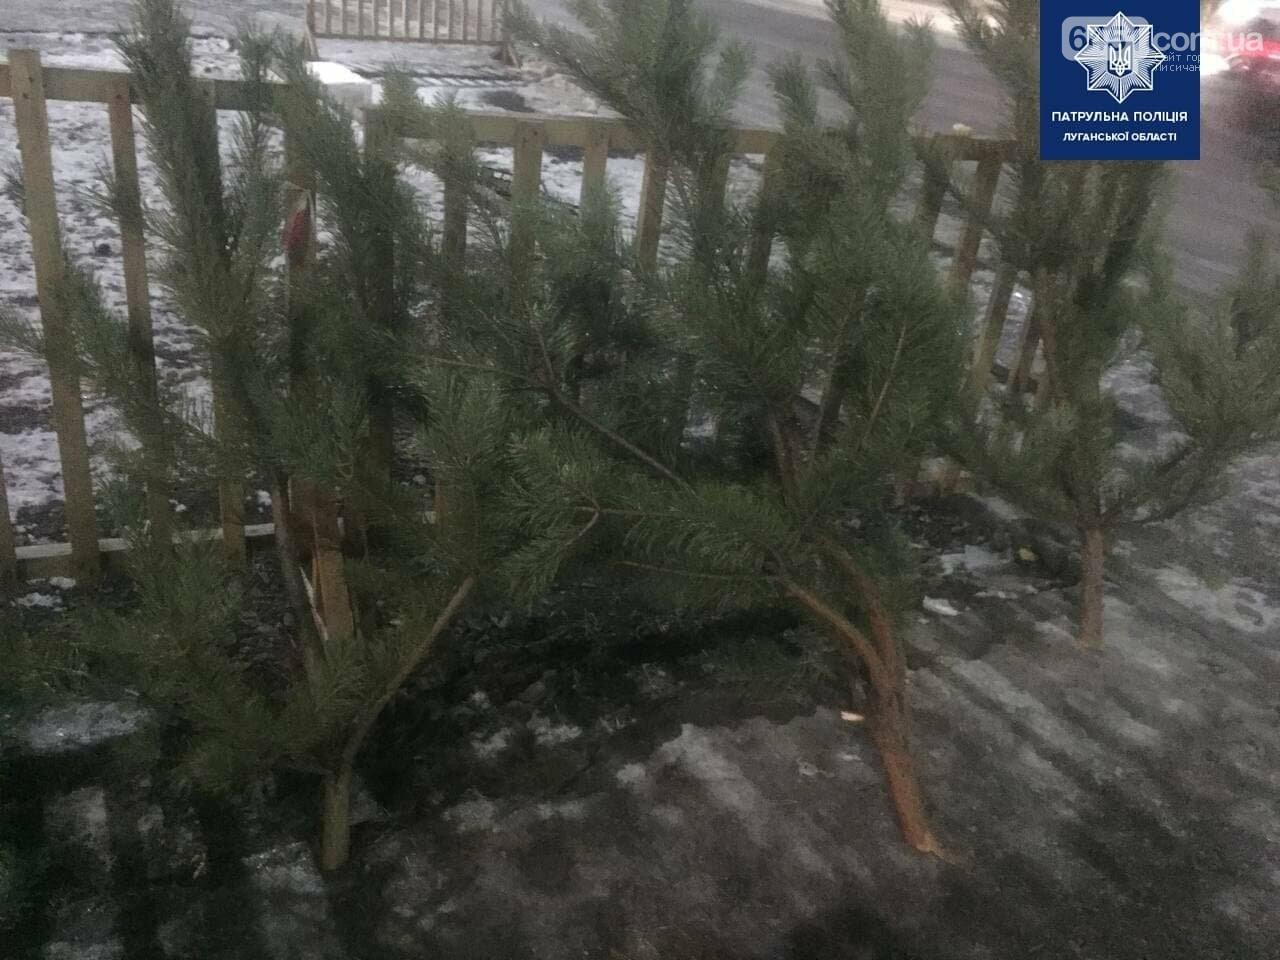 В Северодонецке мужчина незаконно продавал ёлки, фото-2